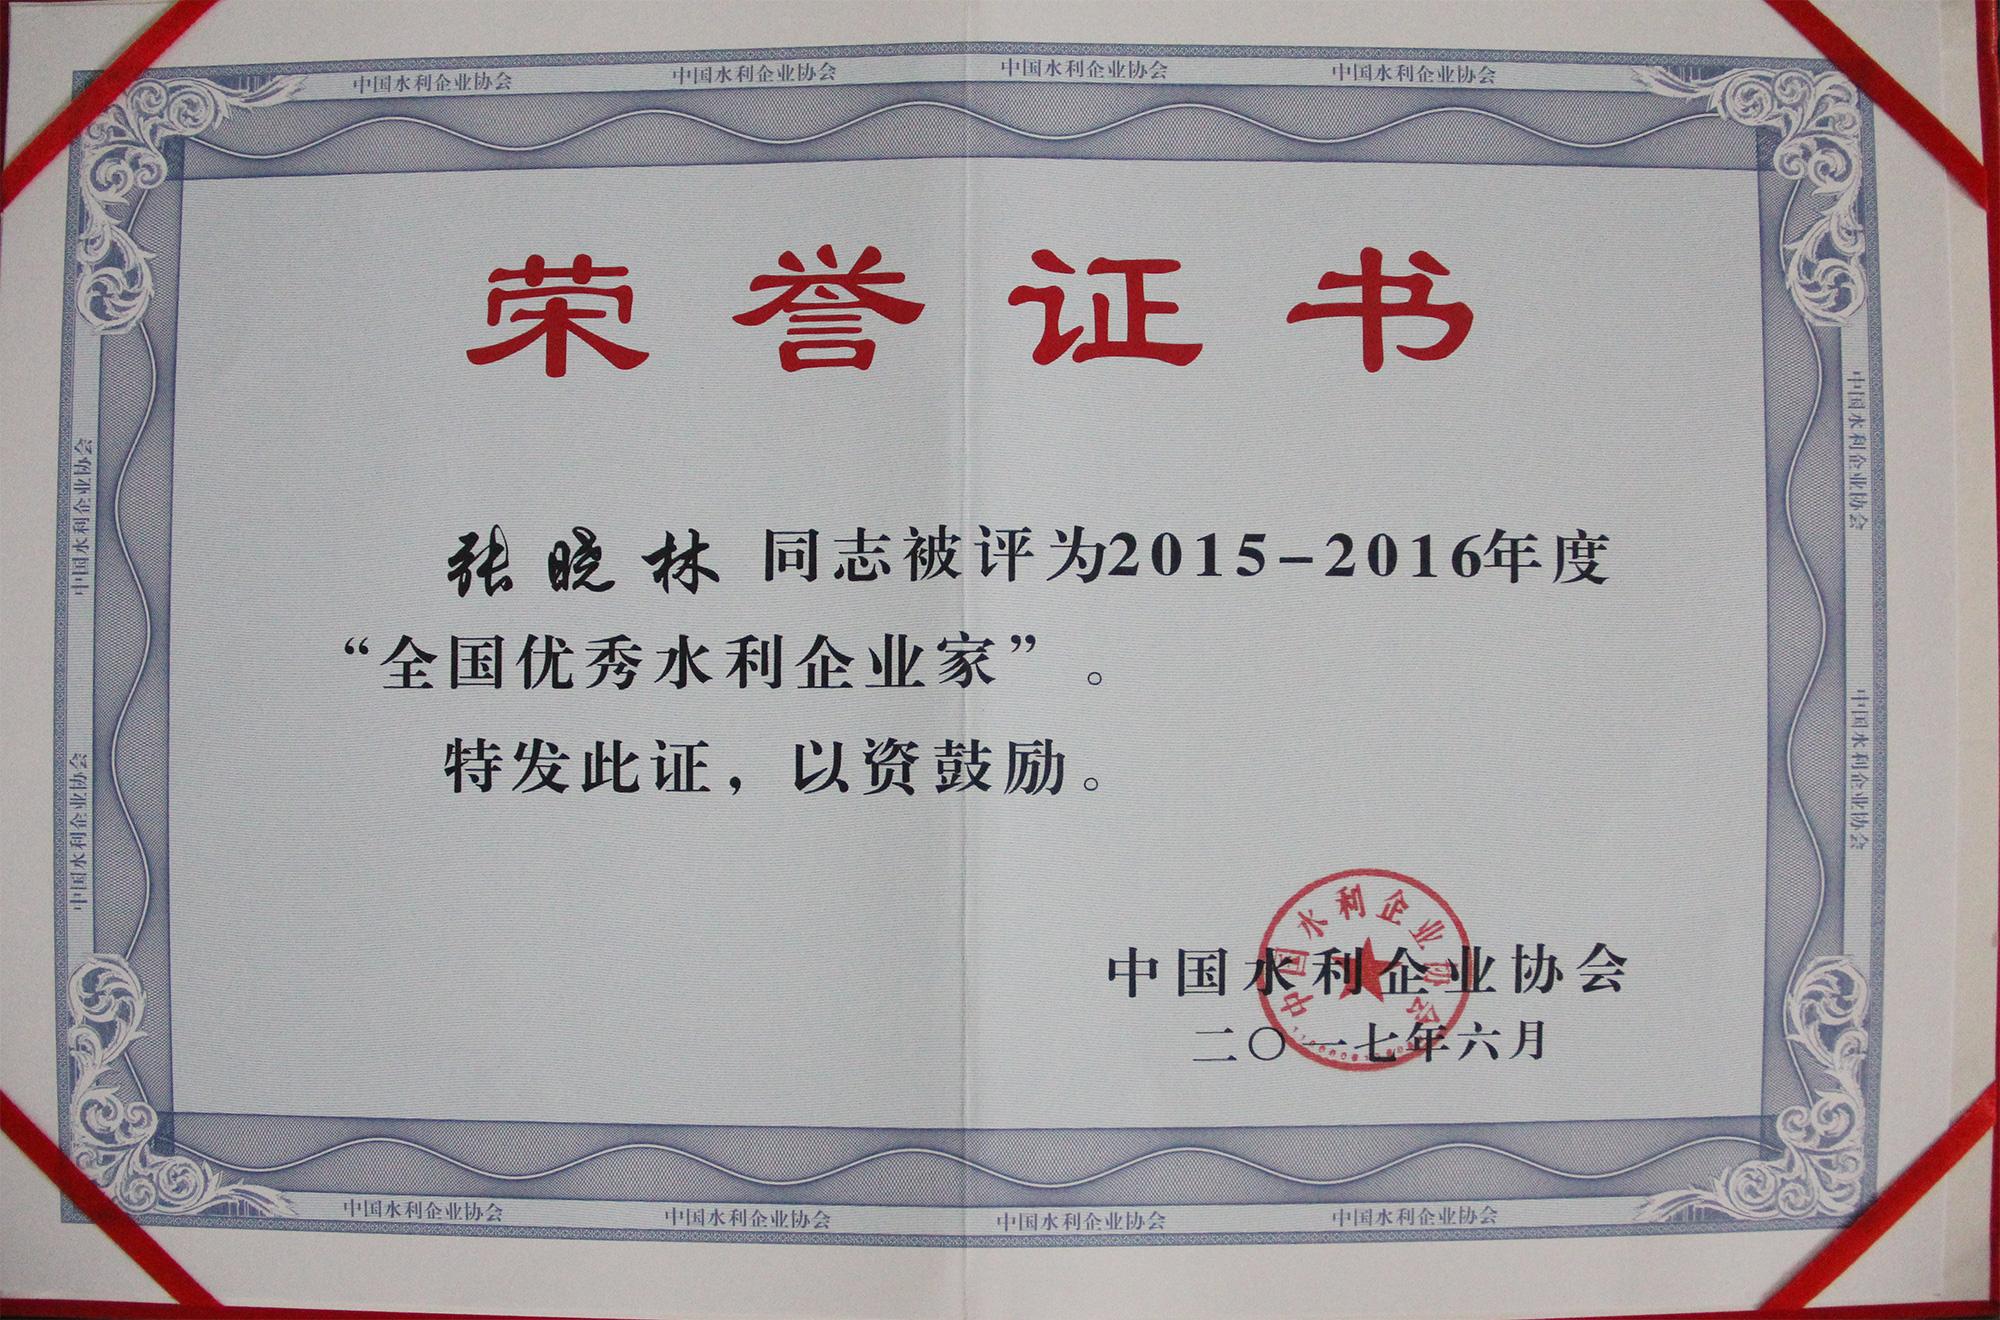 安徽省直事业单位_安徽水利开发有限公司